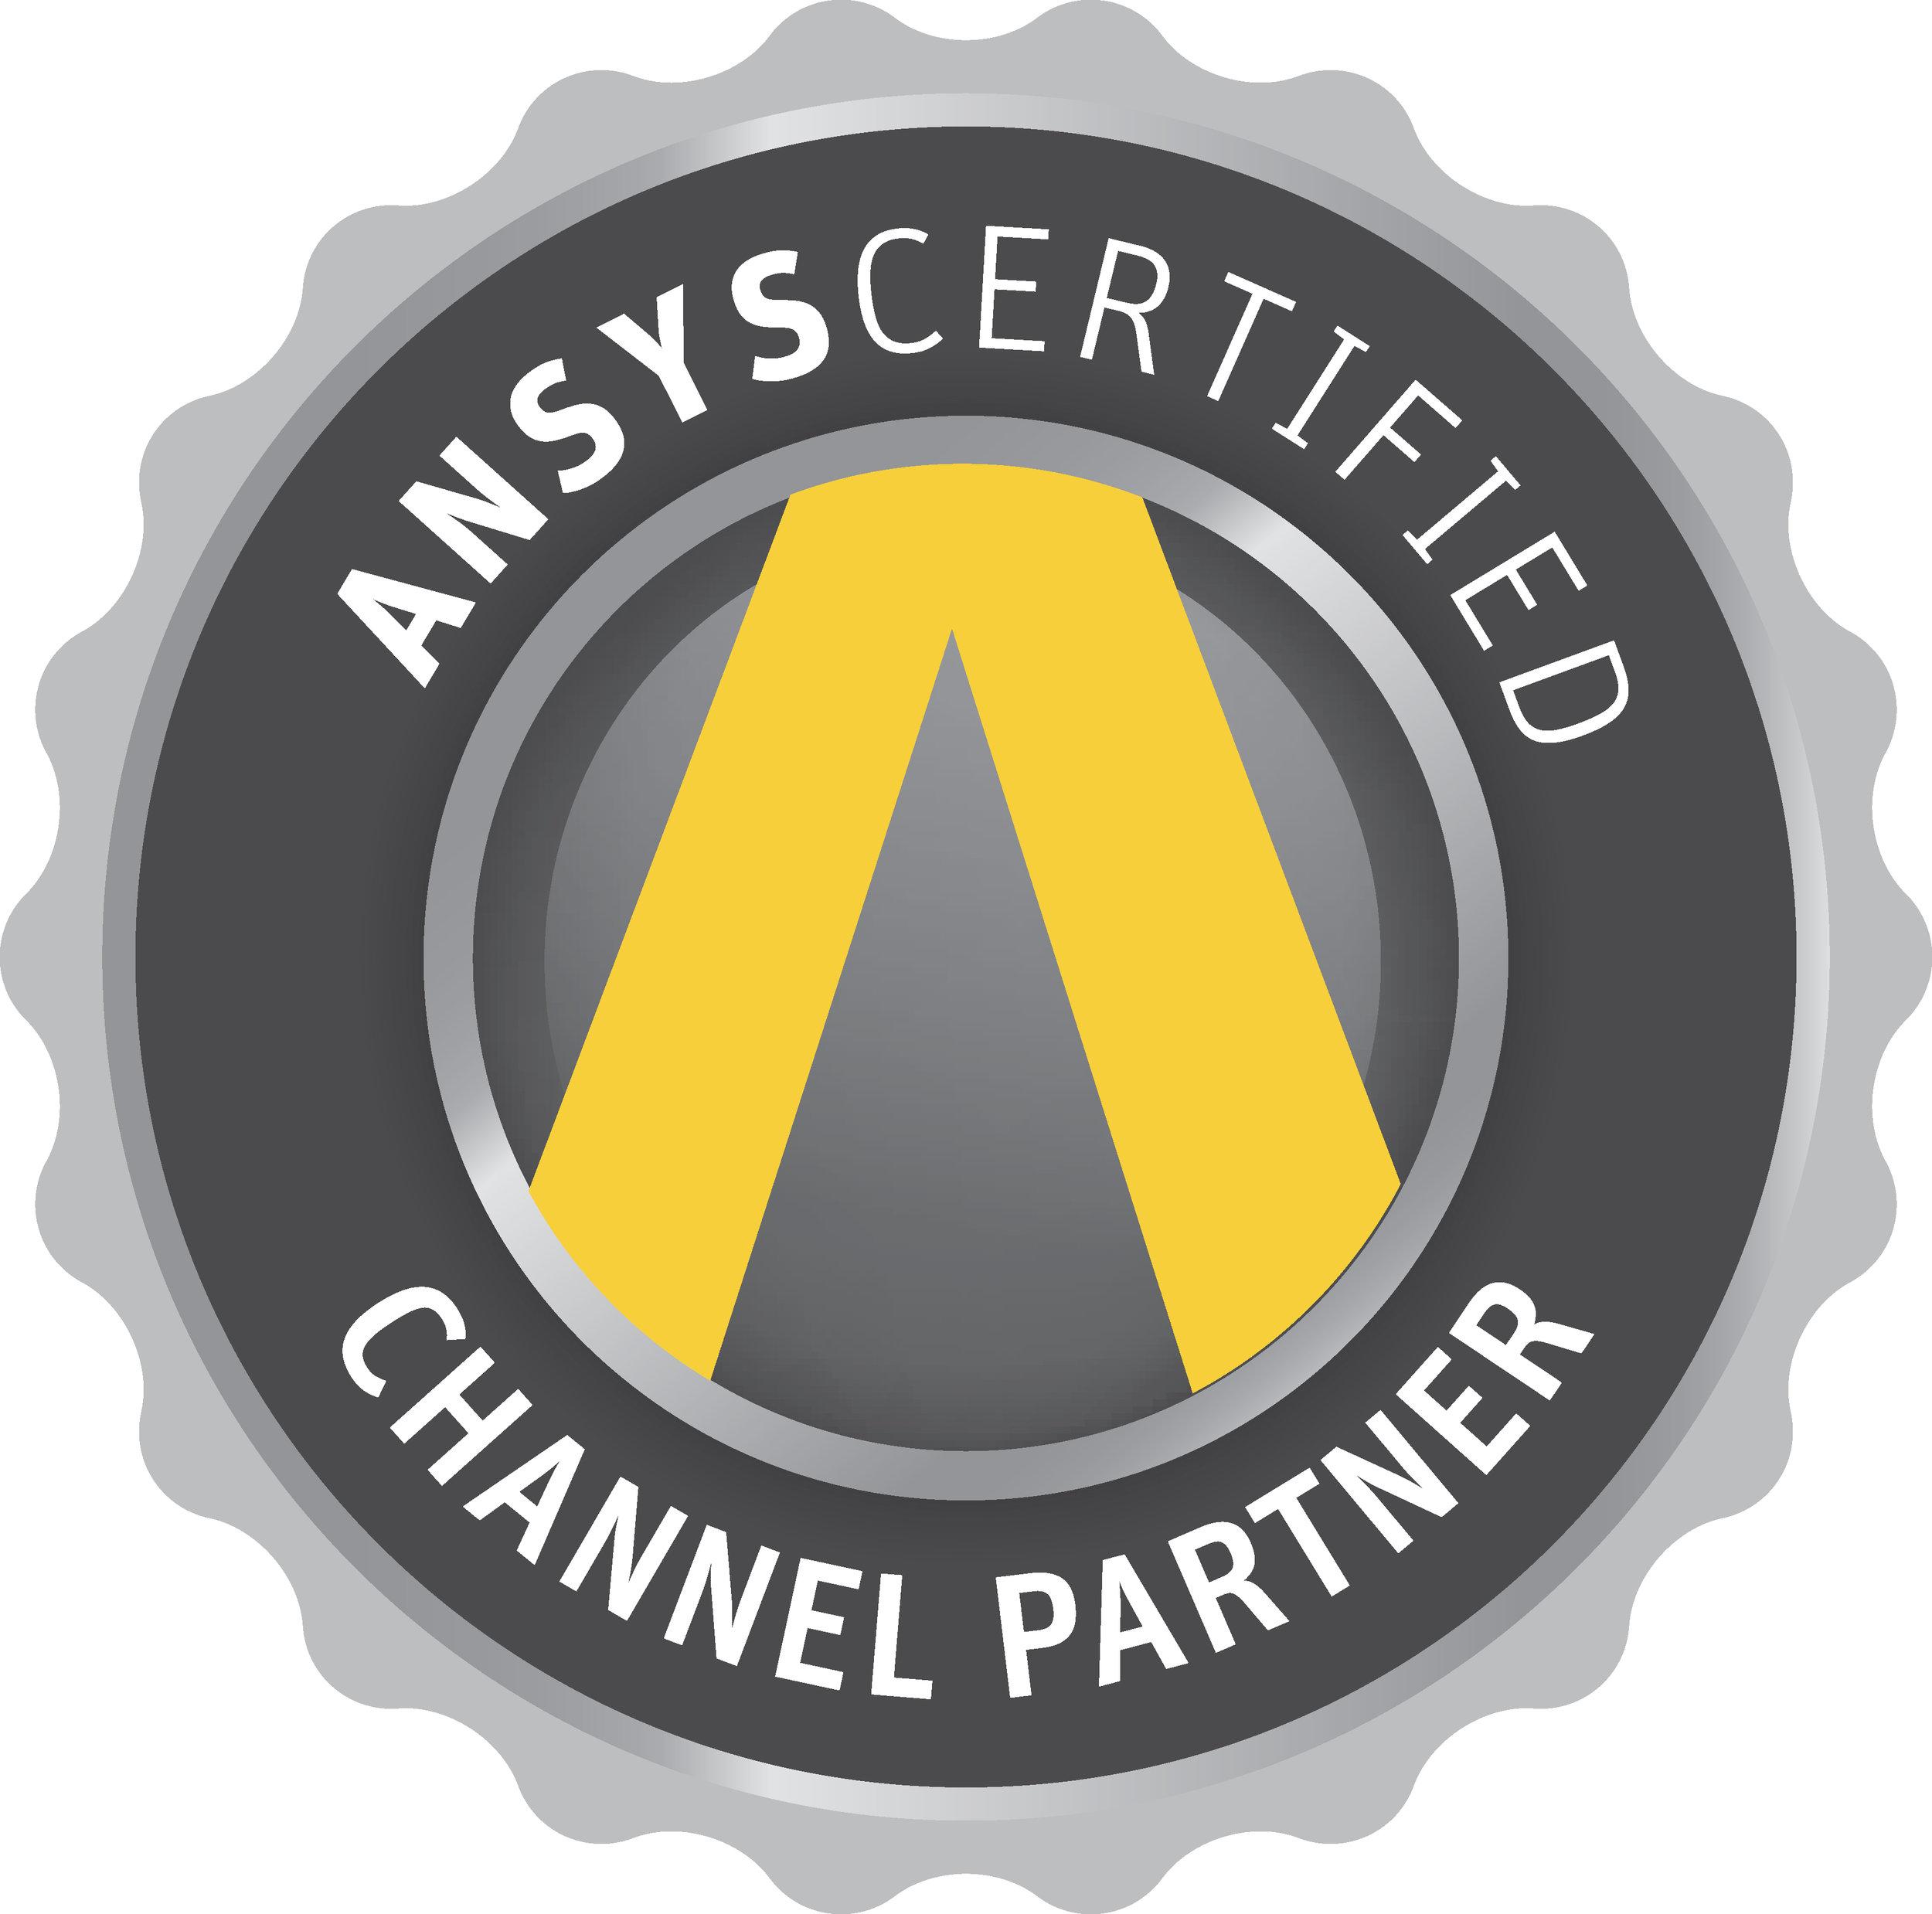 channel-partner_final.jpg